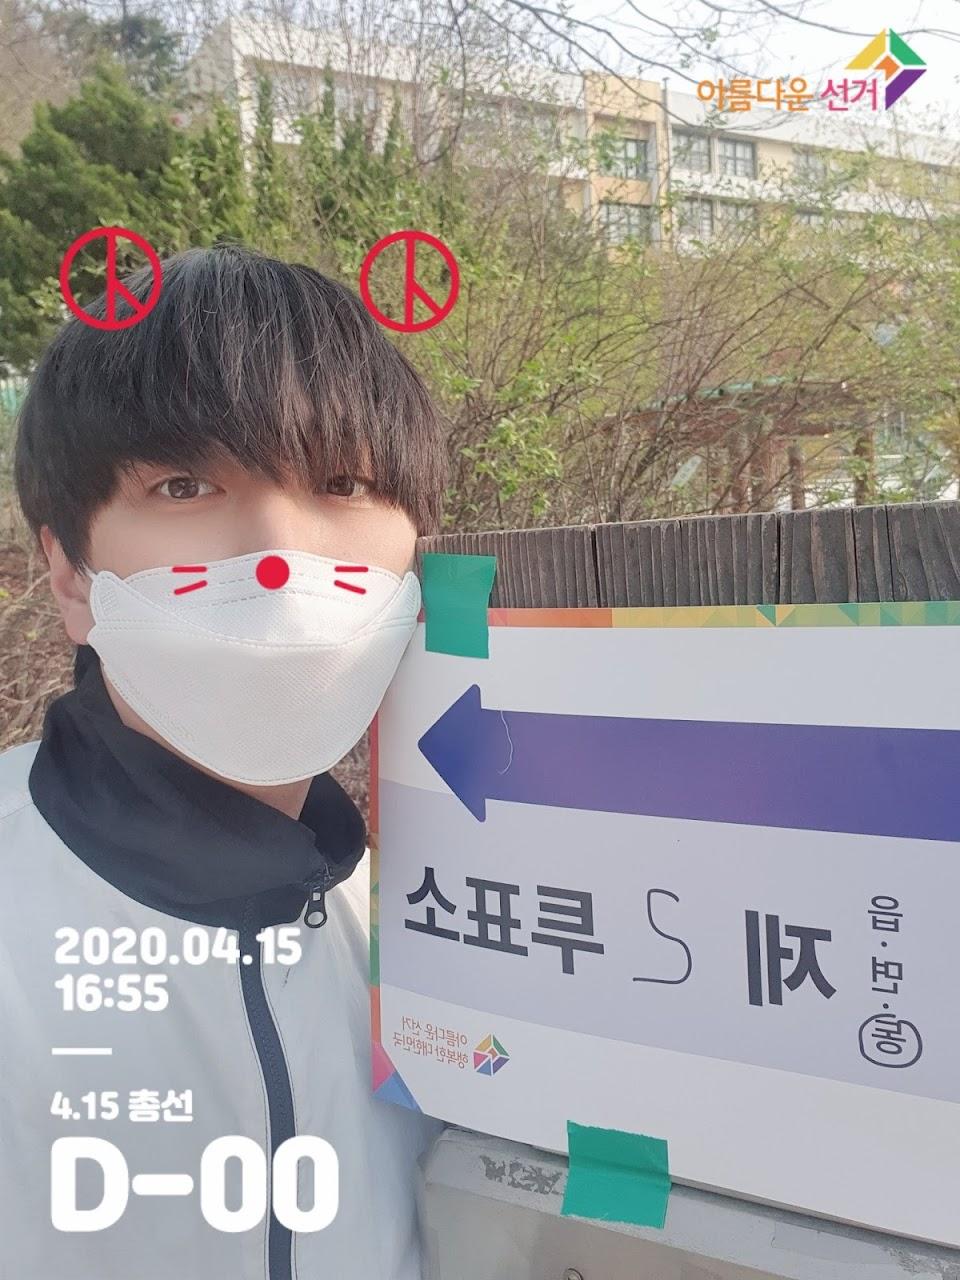 idolsvotingapril15_sandeul